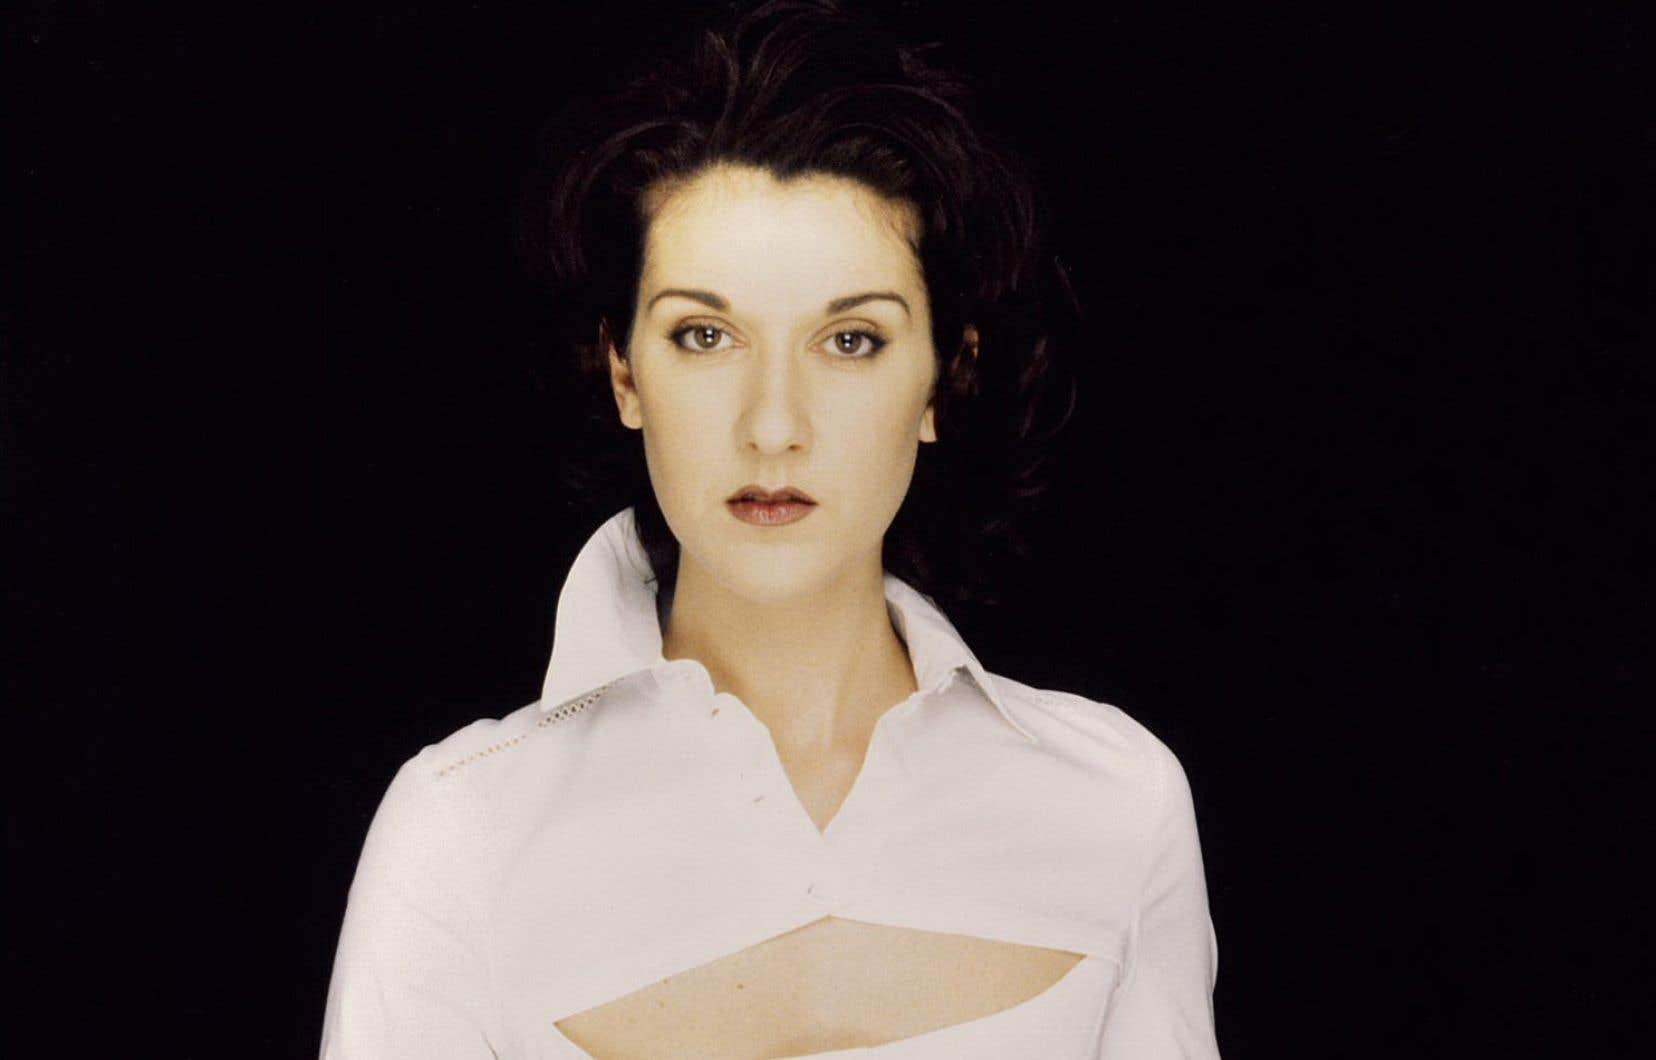 Que l'album porte le titre «<i>D'eux»</i> signale aussi une volonté de mettre en avant l'influence de la chanteuse sur sa création.